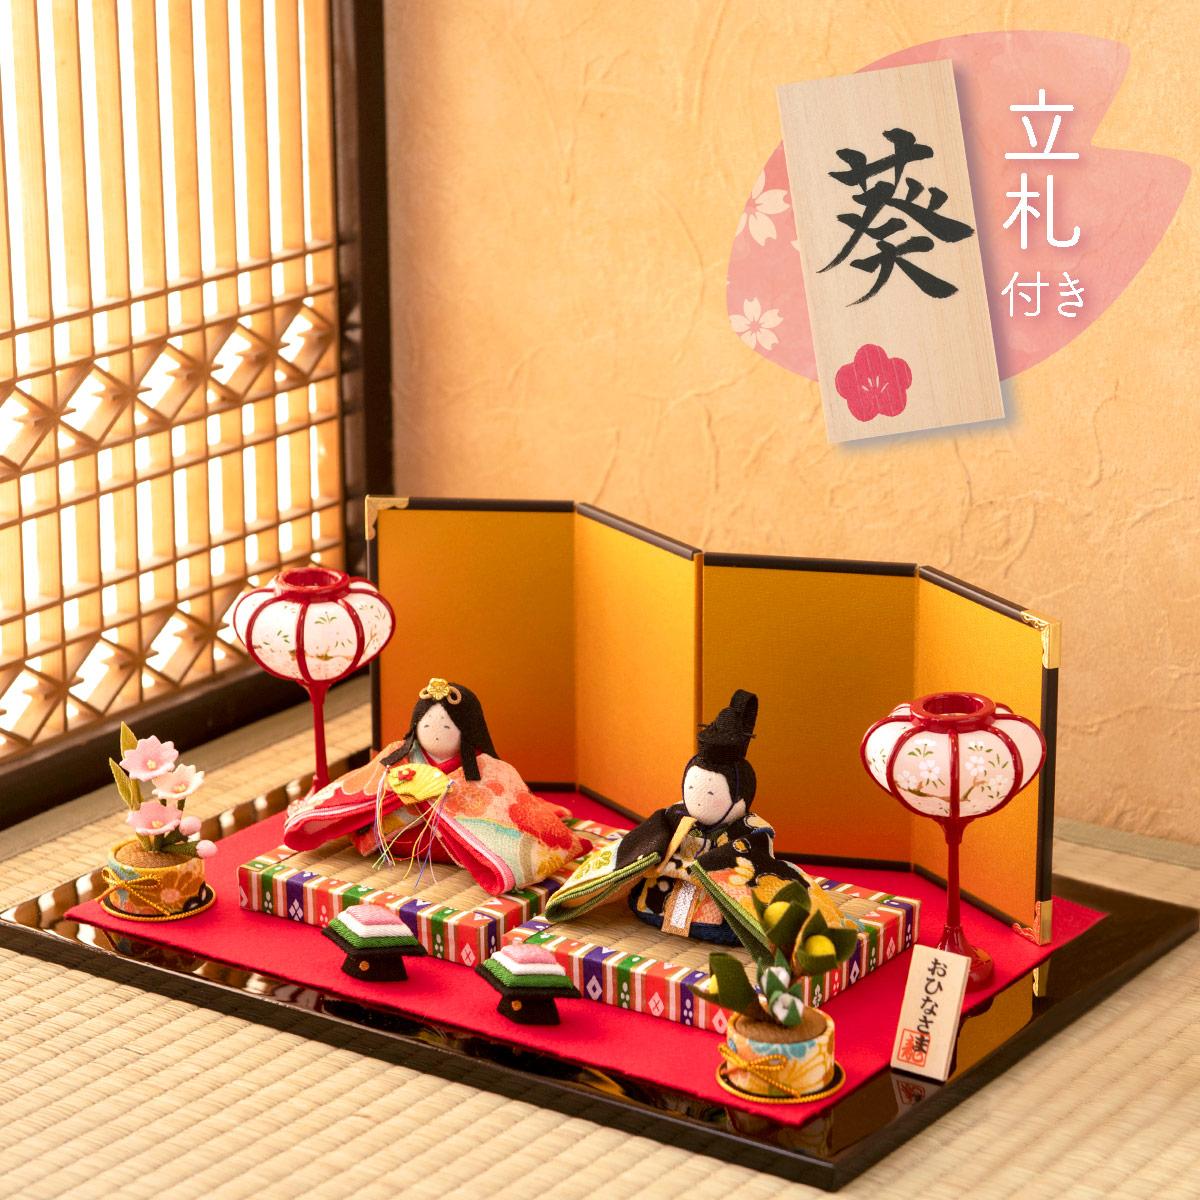 【送料無料】雛人形 ひな人形 ちりめん コンパクト 小さい ミニ 【まどか雛】 お雛様 ひな祭り 『龍虎堂』リュウコドウ